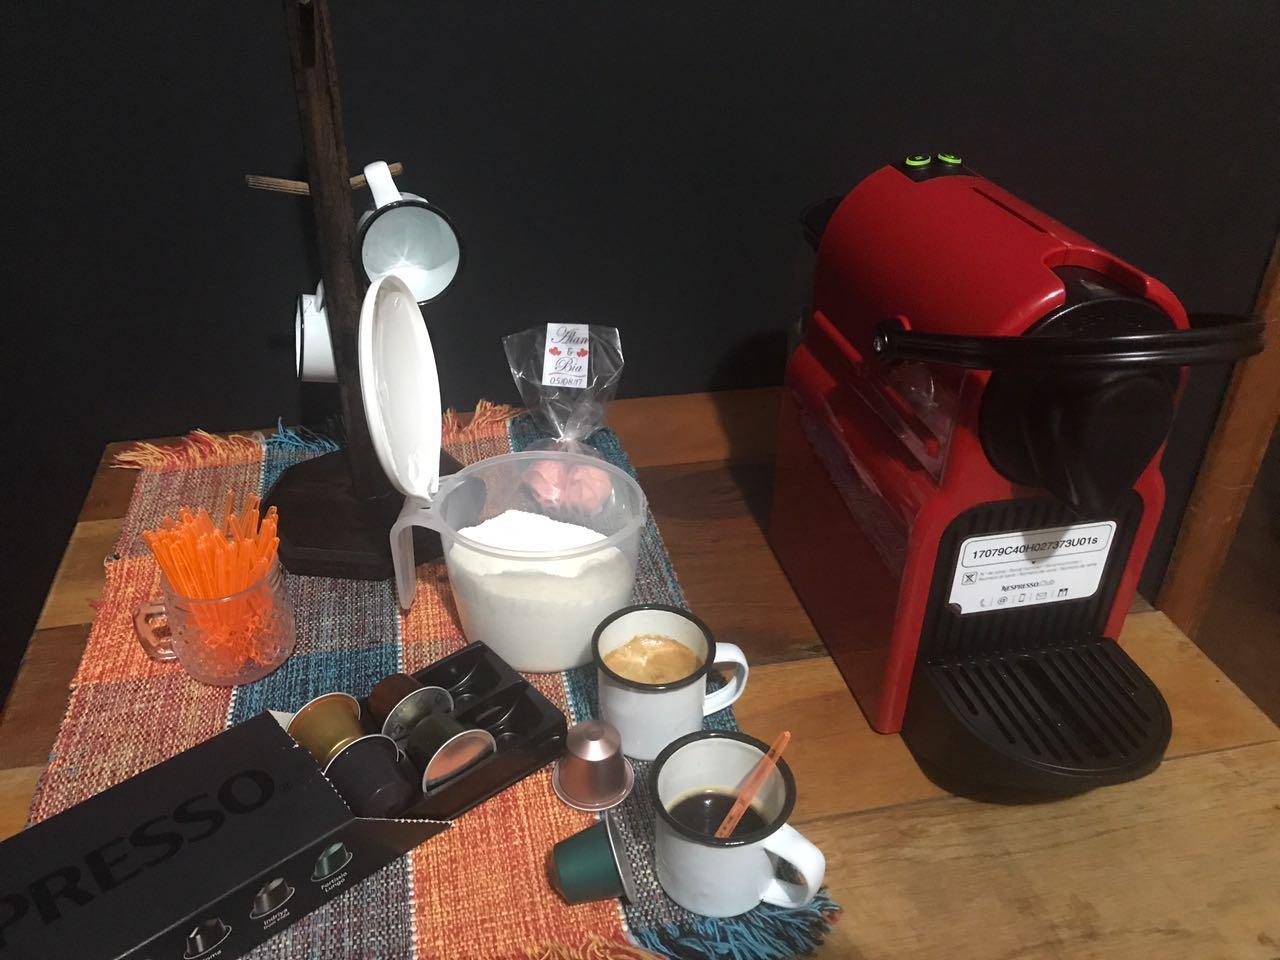 Adorei o café, mas demorei pra entender onde comprar cápsulas Nespresso